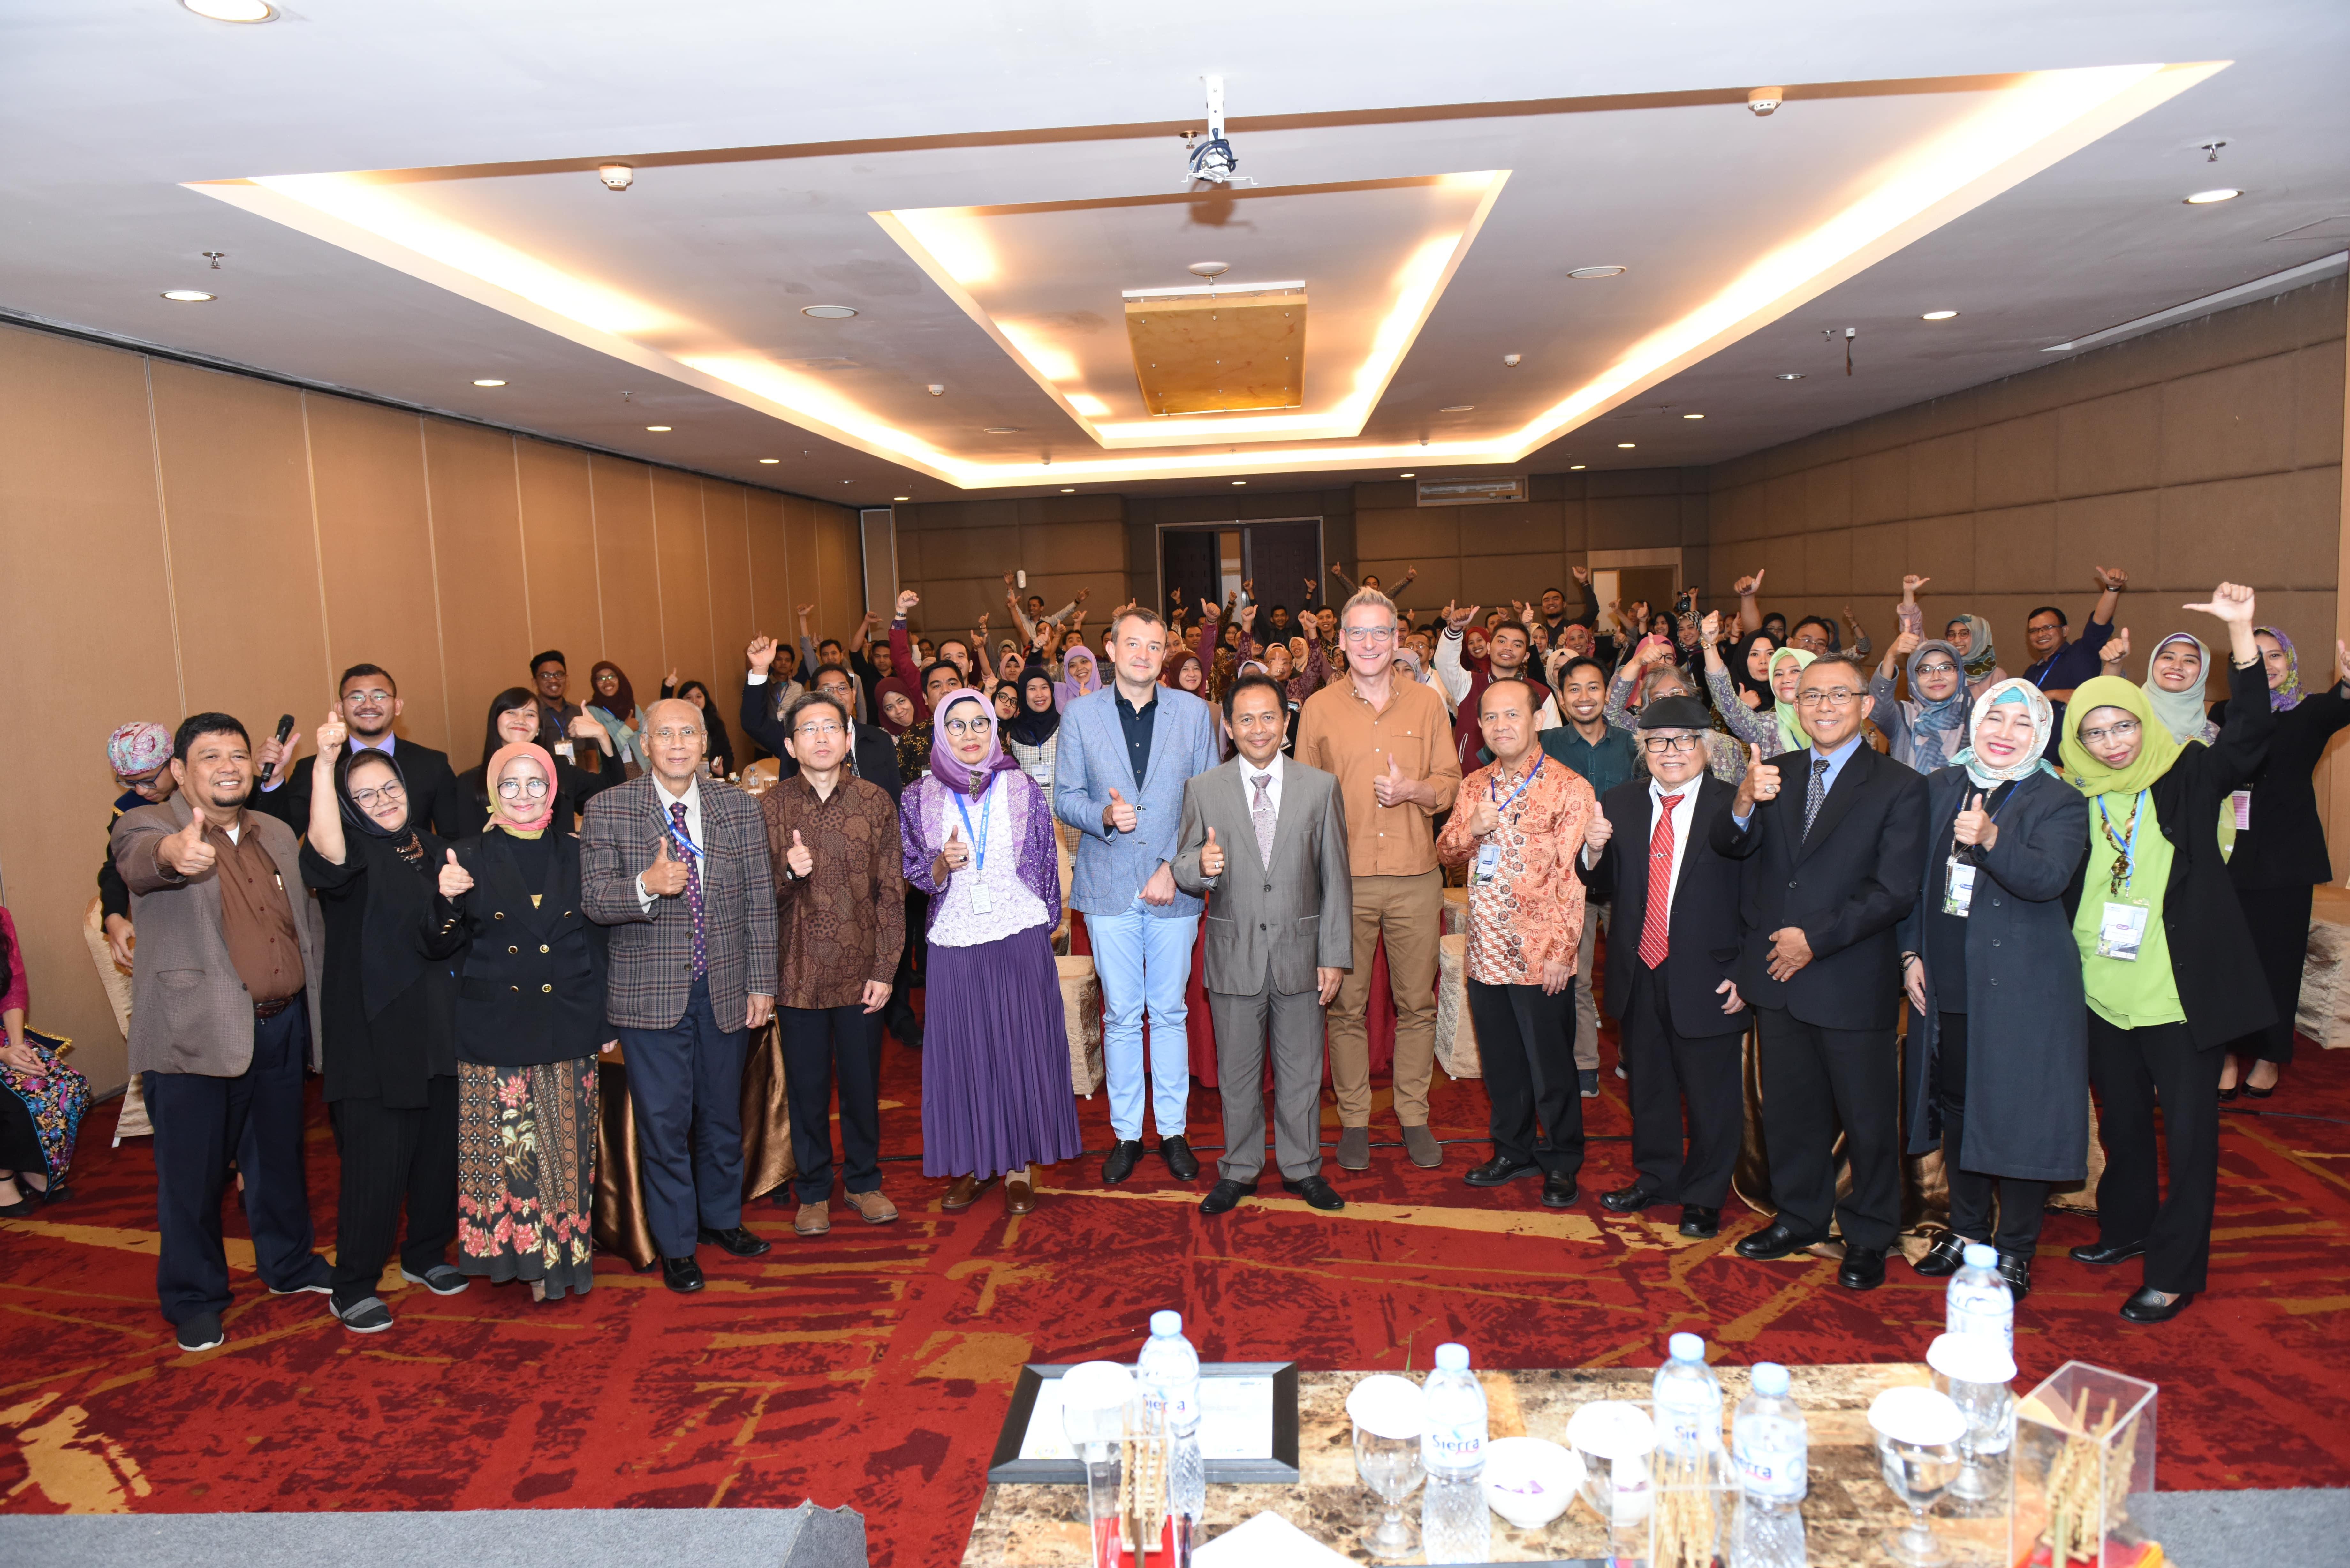 ICOBEST 2018 - Foto Bersama Seluruh Peserta Konferensi